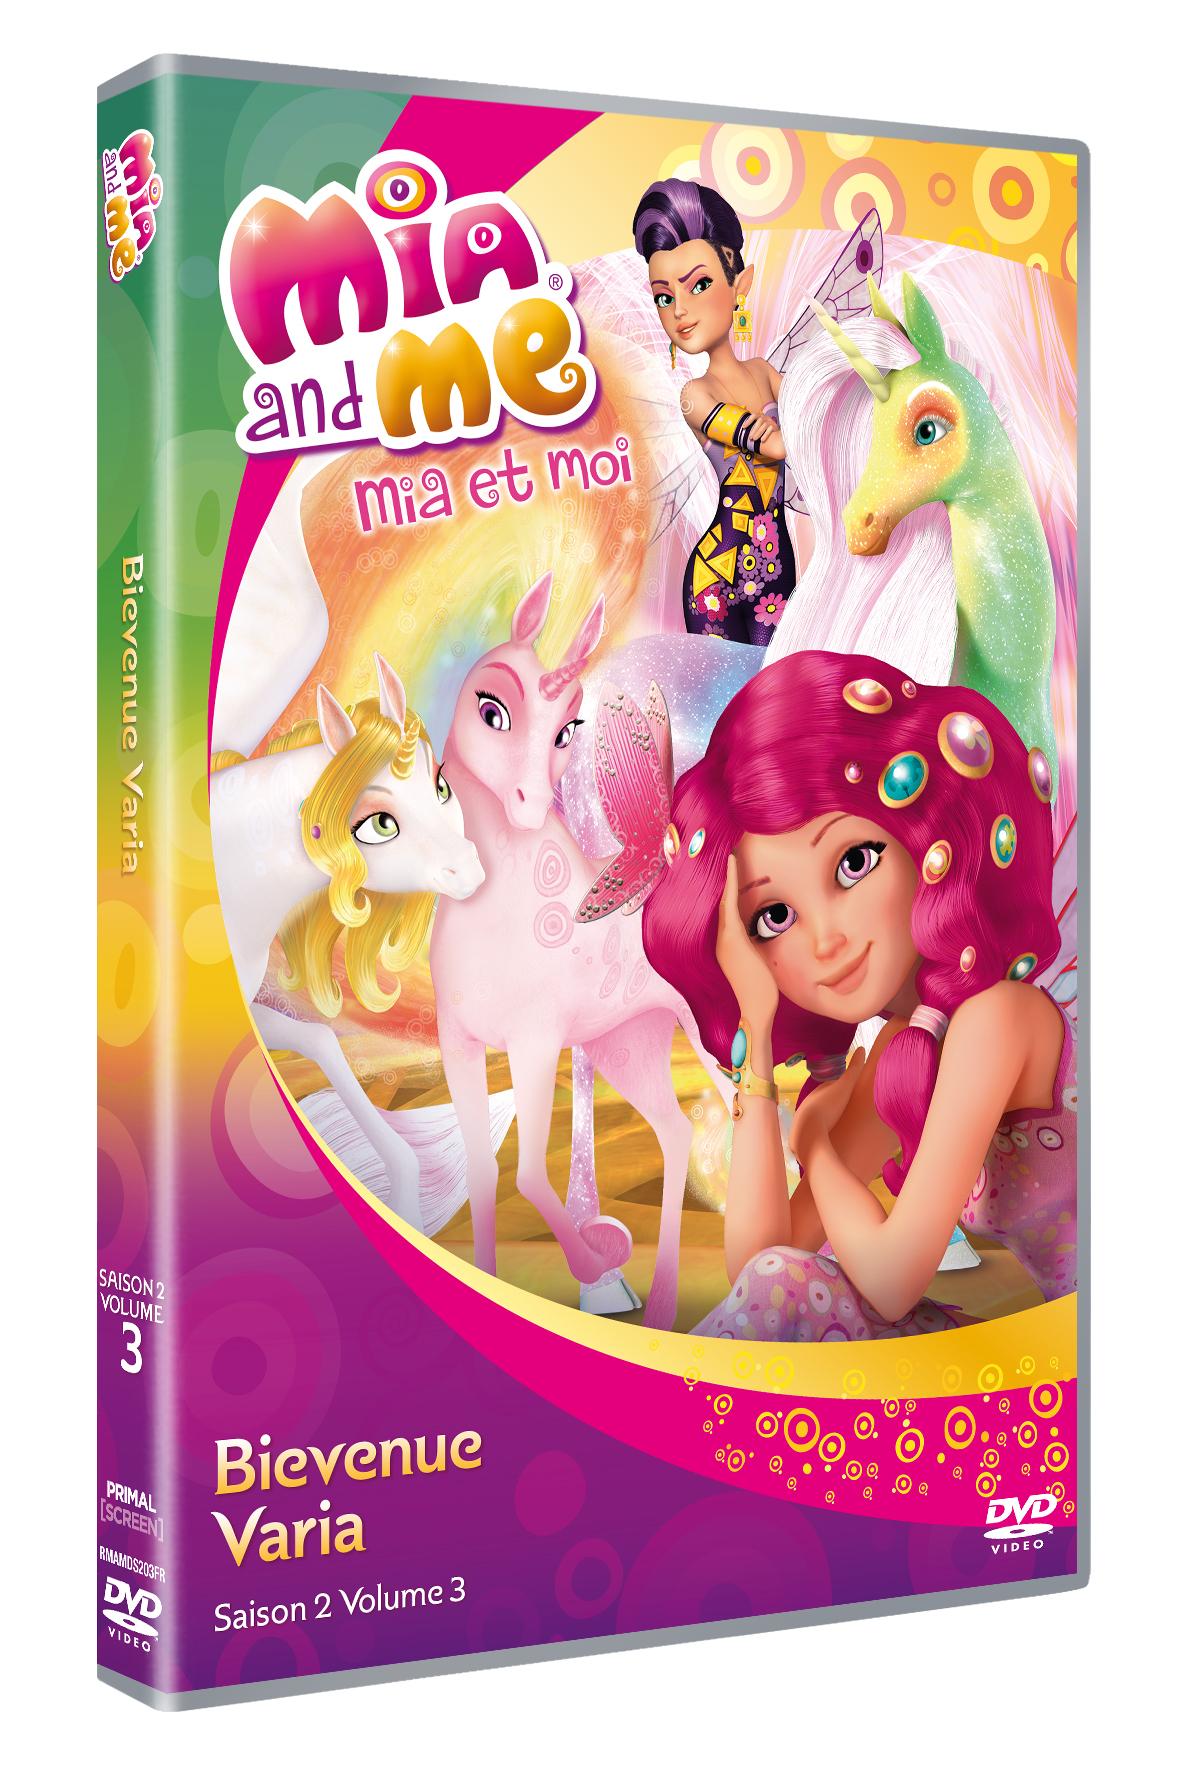 Sortie dvd mia et moi bienvenue varia saison 2 volume 3 - Mia et moi saison 2 ...